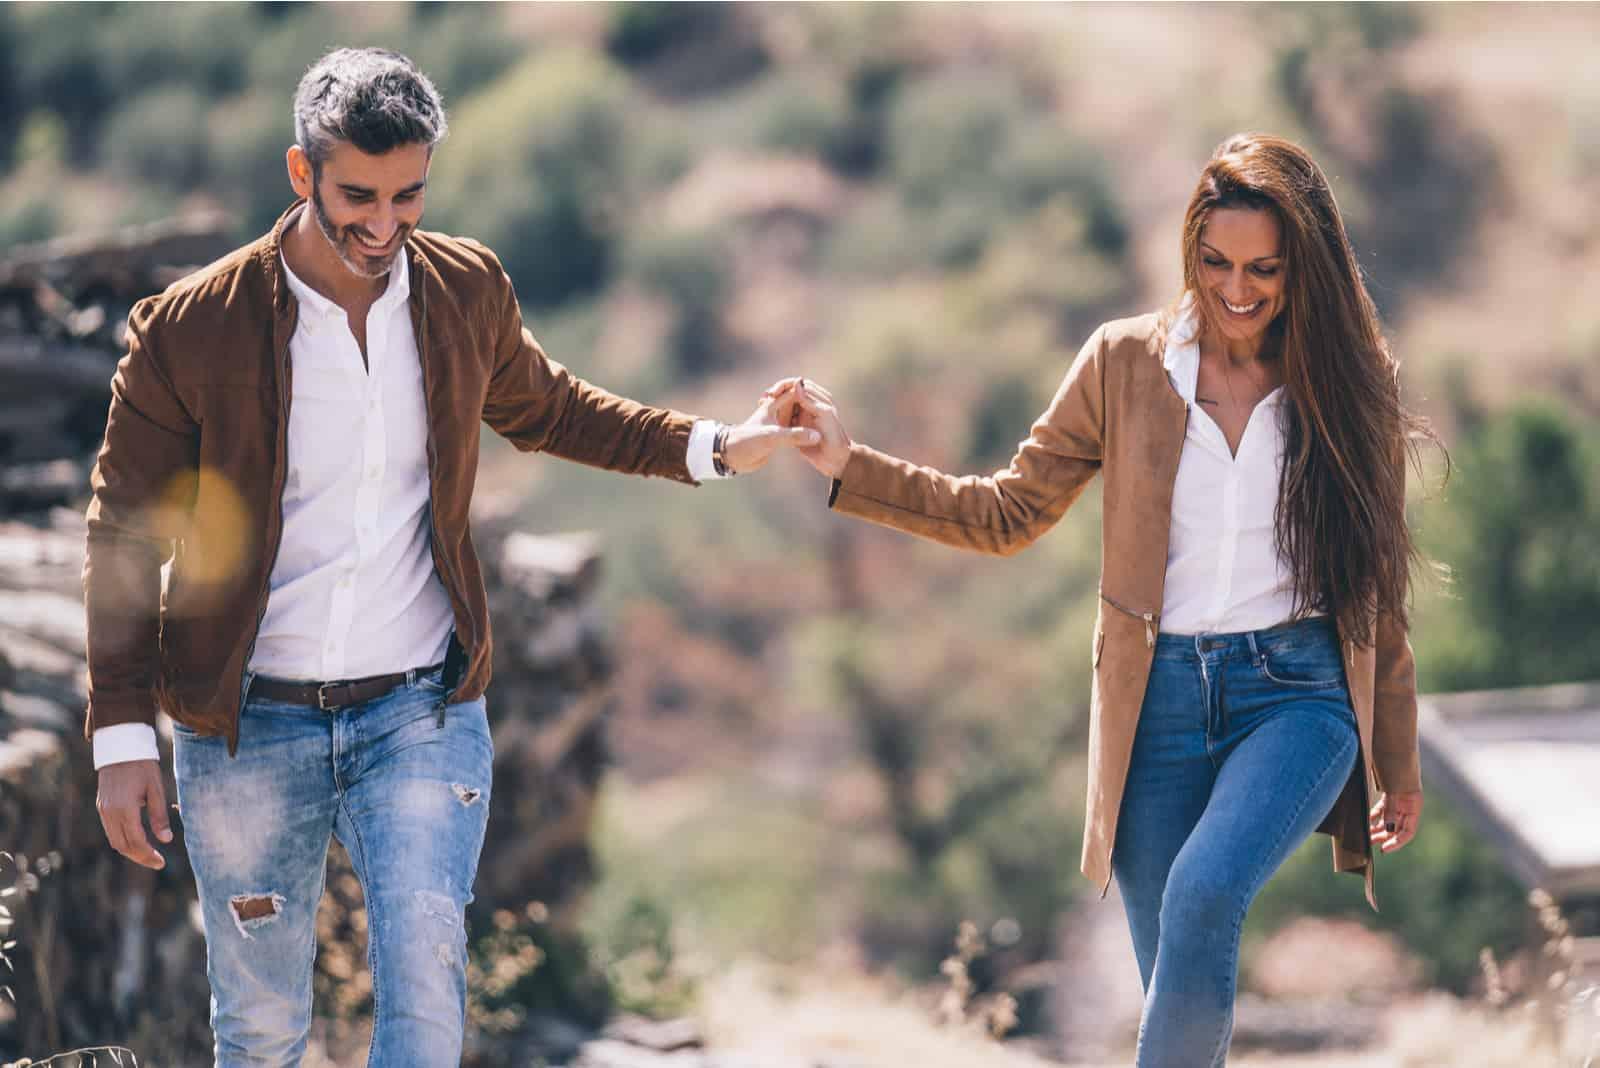 un homme et une femme se tiennent la main et marchent